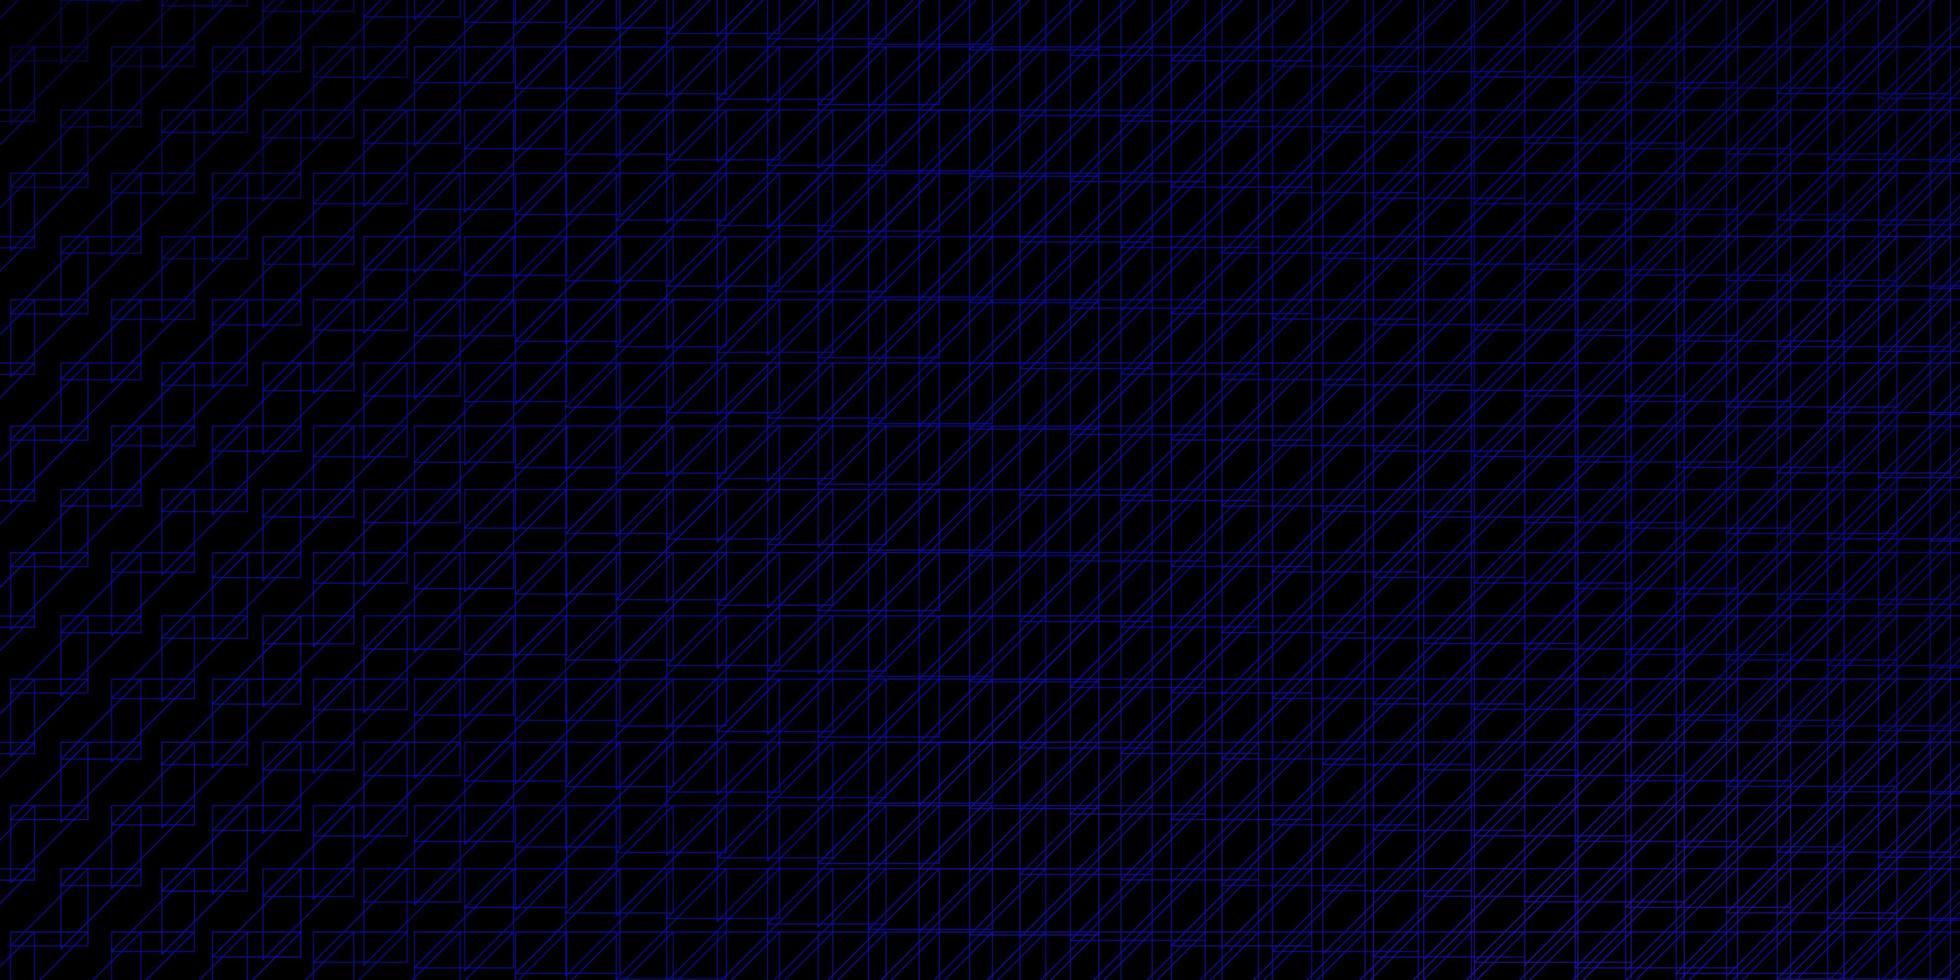 donkerblauw vector sjabloon met lijnen.